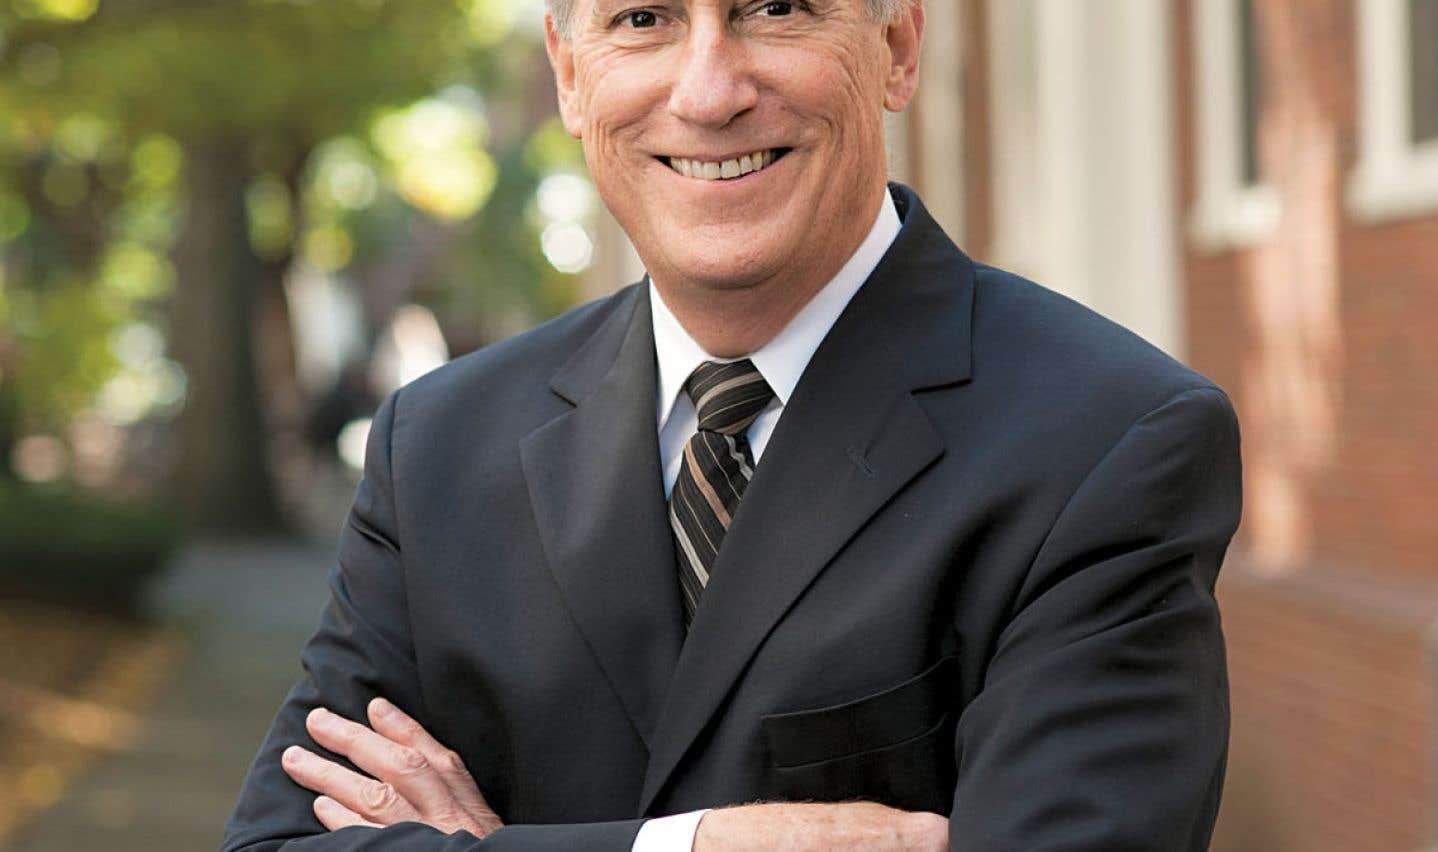 Robert Darnton, directeur de la Harvard University Library, met en garde contre le danger de voir l'information devenir de moins en moins accessible et de plus en plus commercialisée.